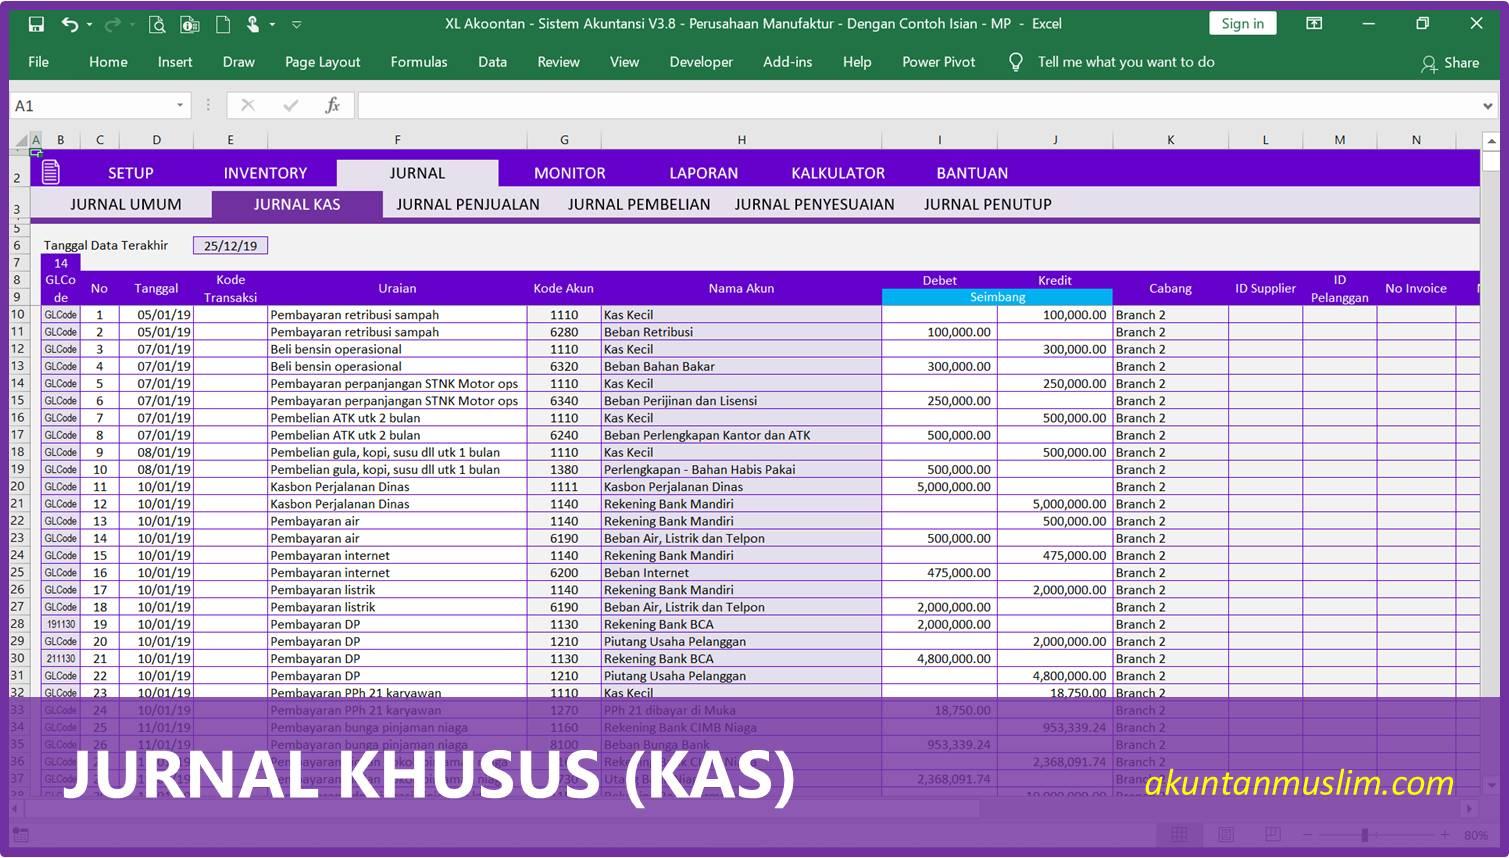 Aplikasi Akuntansi Perusahaan Manufaktur - Jurnal Kas